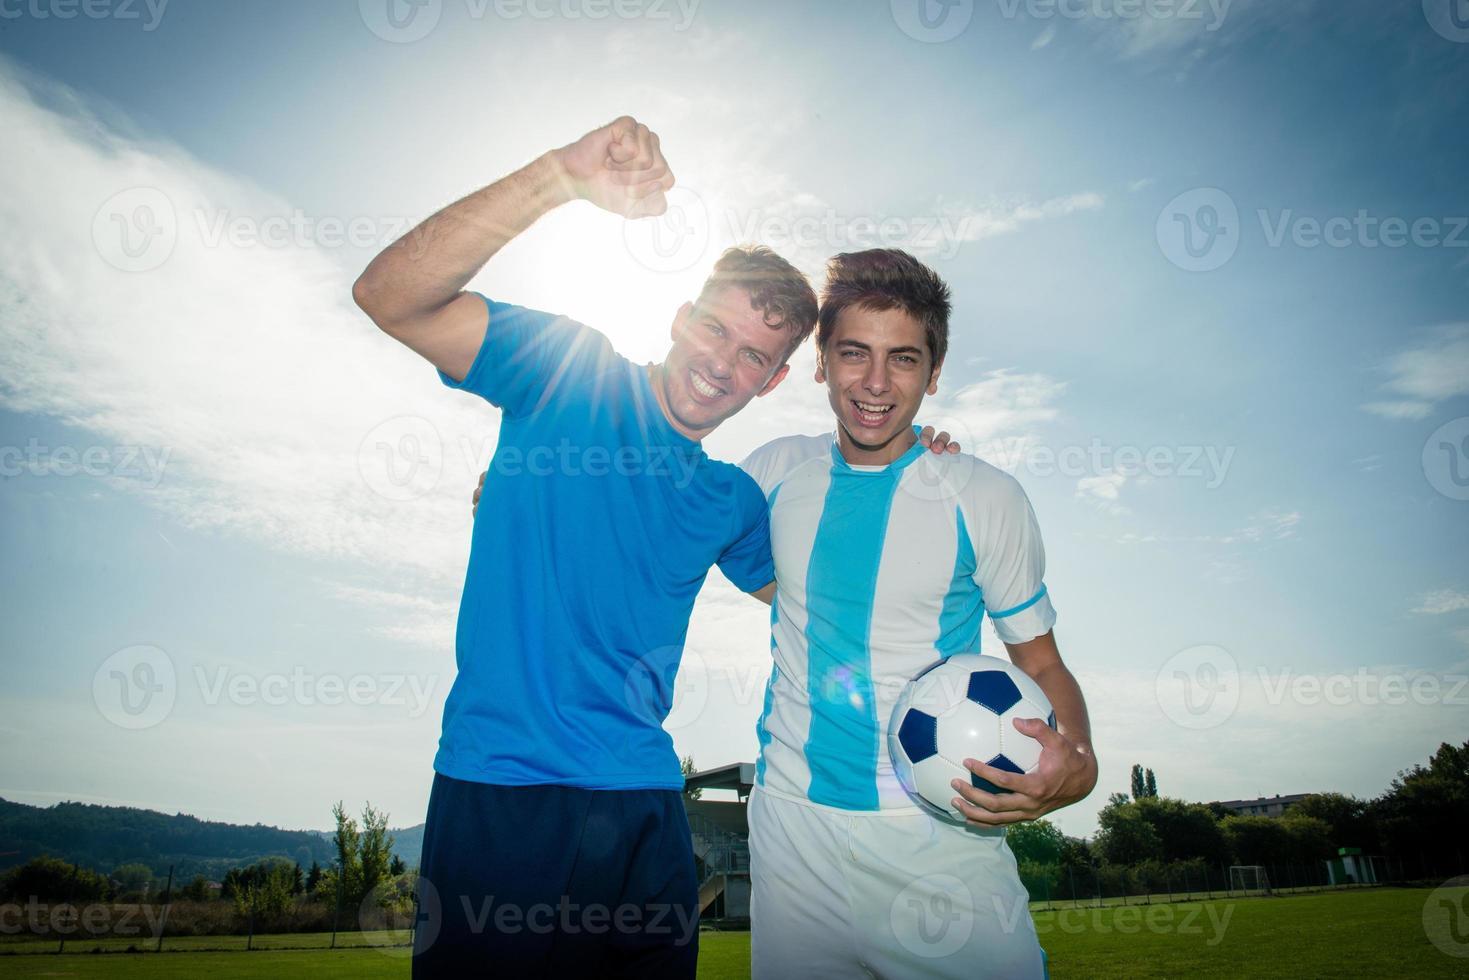 voetbal of voetballers vieren doel in stadion foto